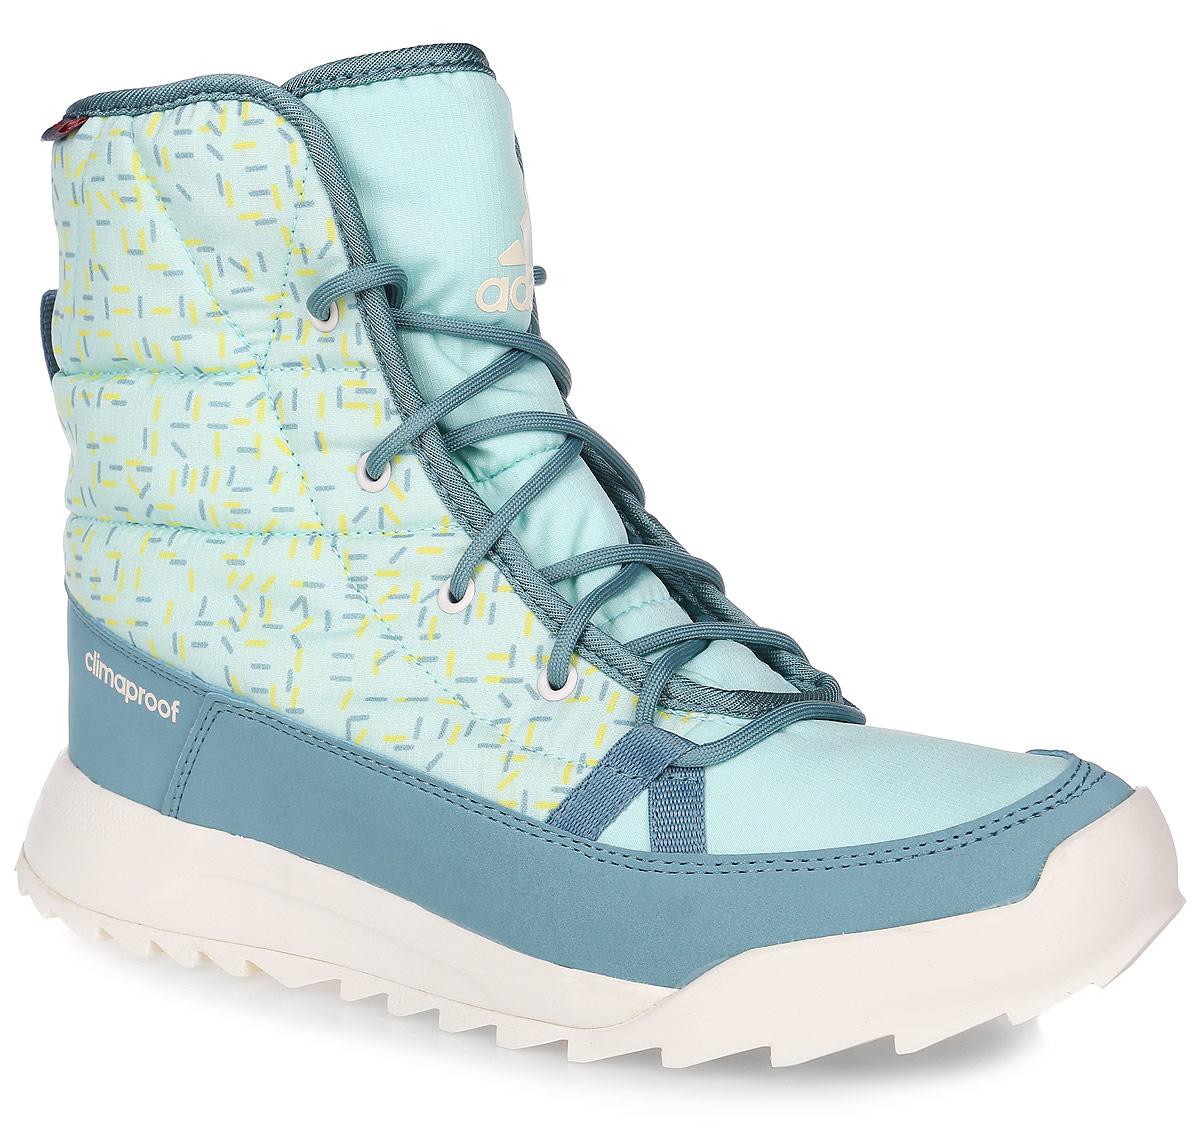 Ботинки женские adidas CW Choleah Padded C, цвет: мятный. AQ2024. Размер 7,5 (40)AQ2024Женские туристические ботинки CW Choleah Padded C от adidas, выполненные из водонепроницаемого материала Climaproof с утеплителем PrimaLoft сохранят ваши ноги в тепле и сухости на заснеженных тропах и холодных улицах. Высокотехнологичный синтетический наполнитель PrimaLoft продолжает греть даже во влажном состоянии. Текстильный верх с геометрическим принтом и дизайн адаптирован под особенности женской стопы. Модель дополнена вставками из синтетических материалов для износостойкости.Резиновая подошва Traxion с глубоким протектором для оптимального сцепления сохраняет свои свойства в течение долгого времени.